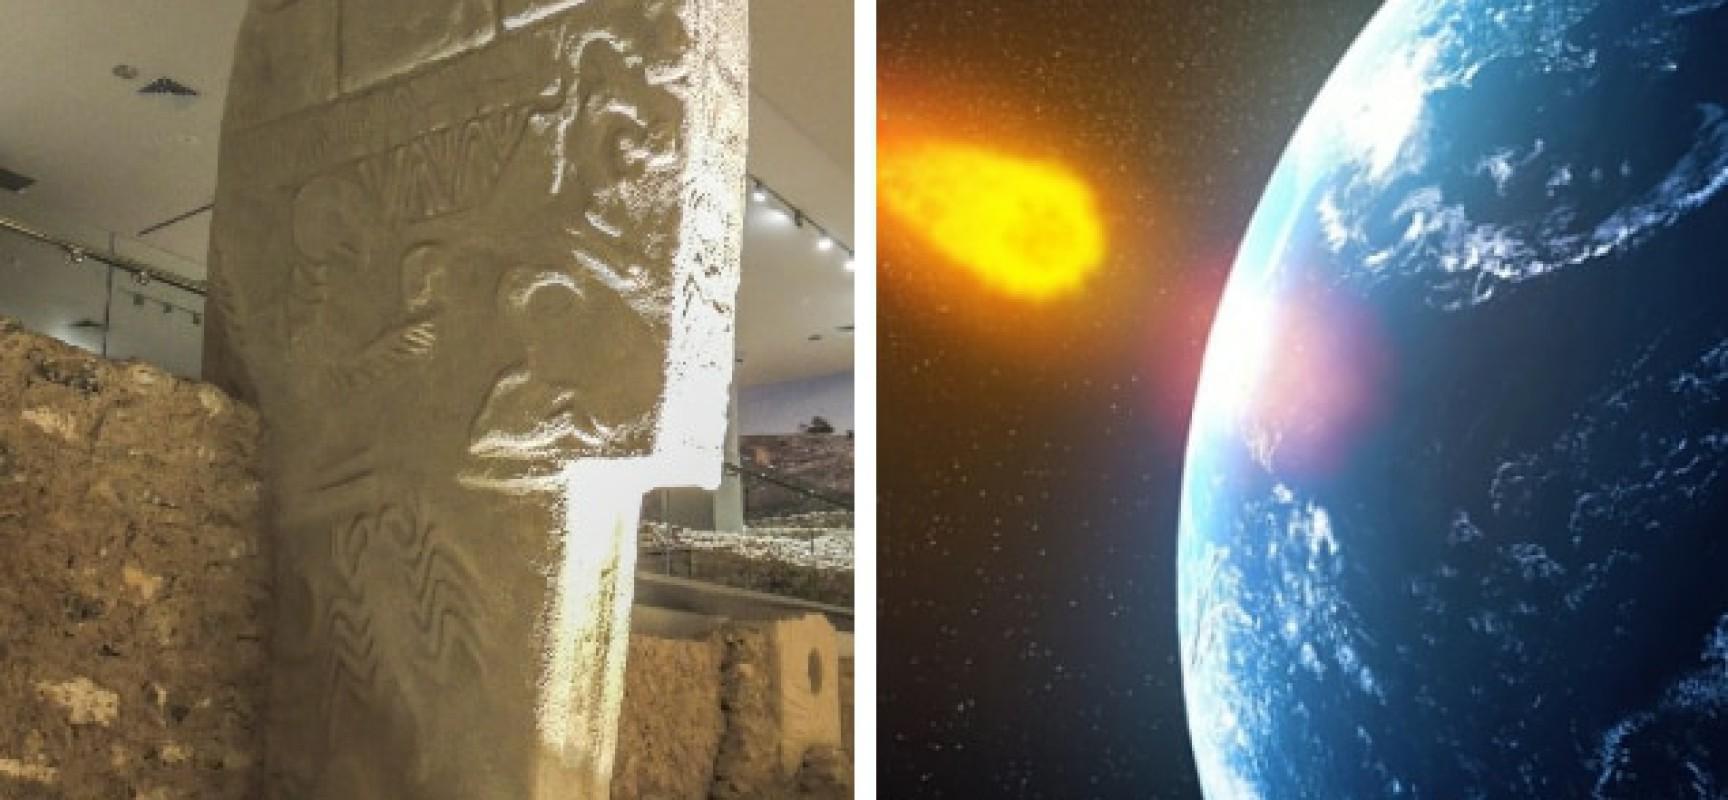 D'anciennes pierres gravées confirment qu'une comète heurta jadis la Terre